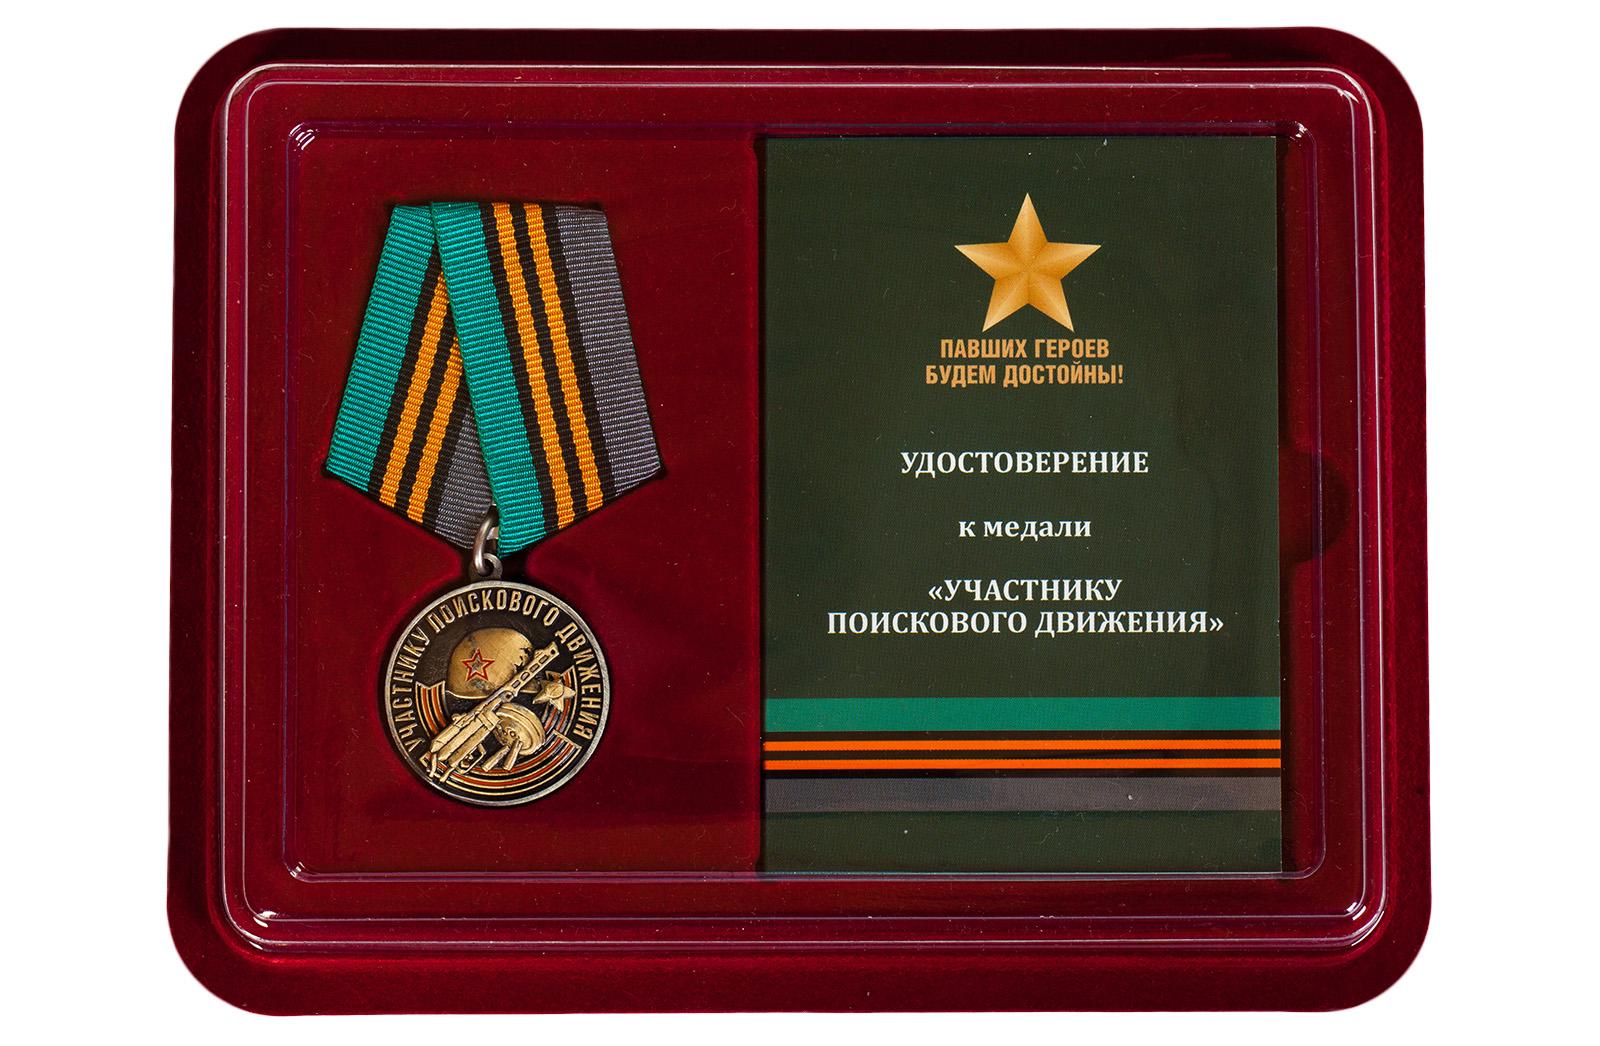 Купить юбилейную медаль Участнику поискового движения онлайн с доставкой